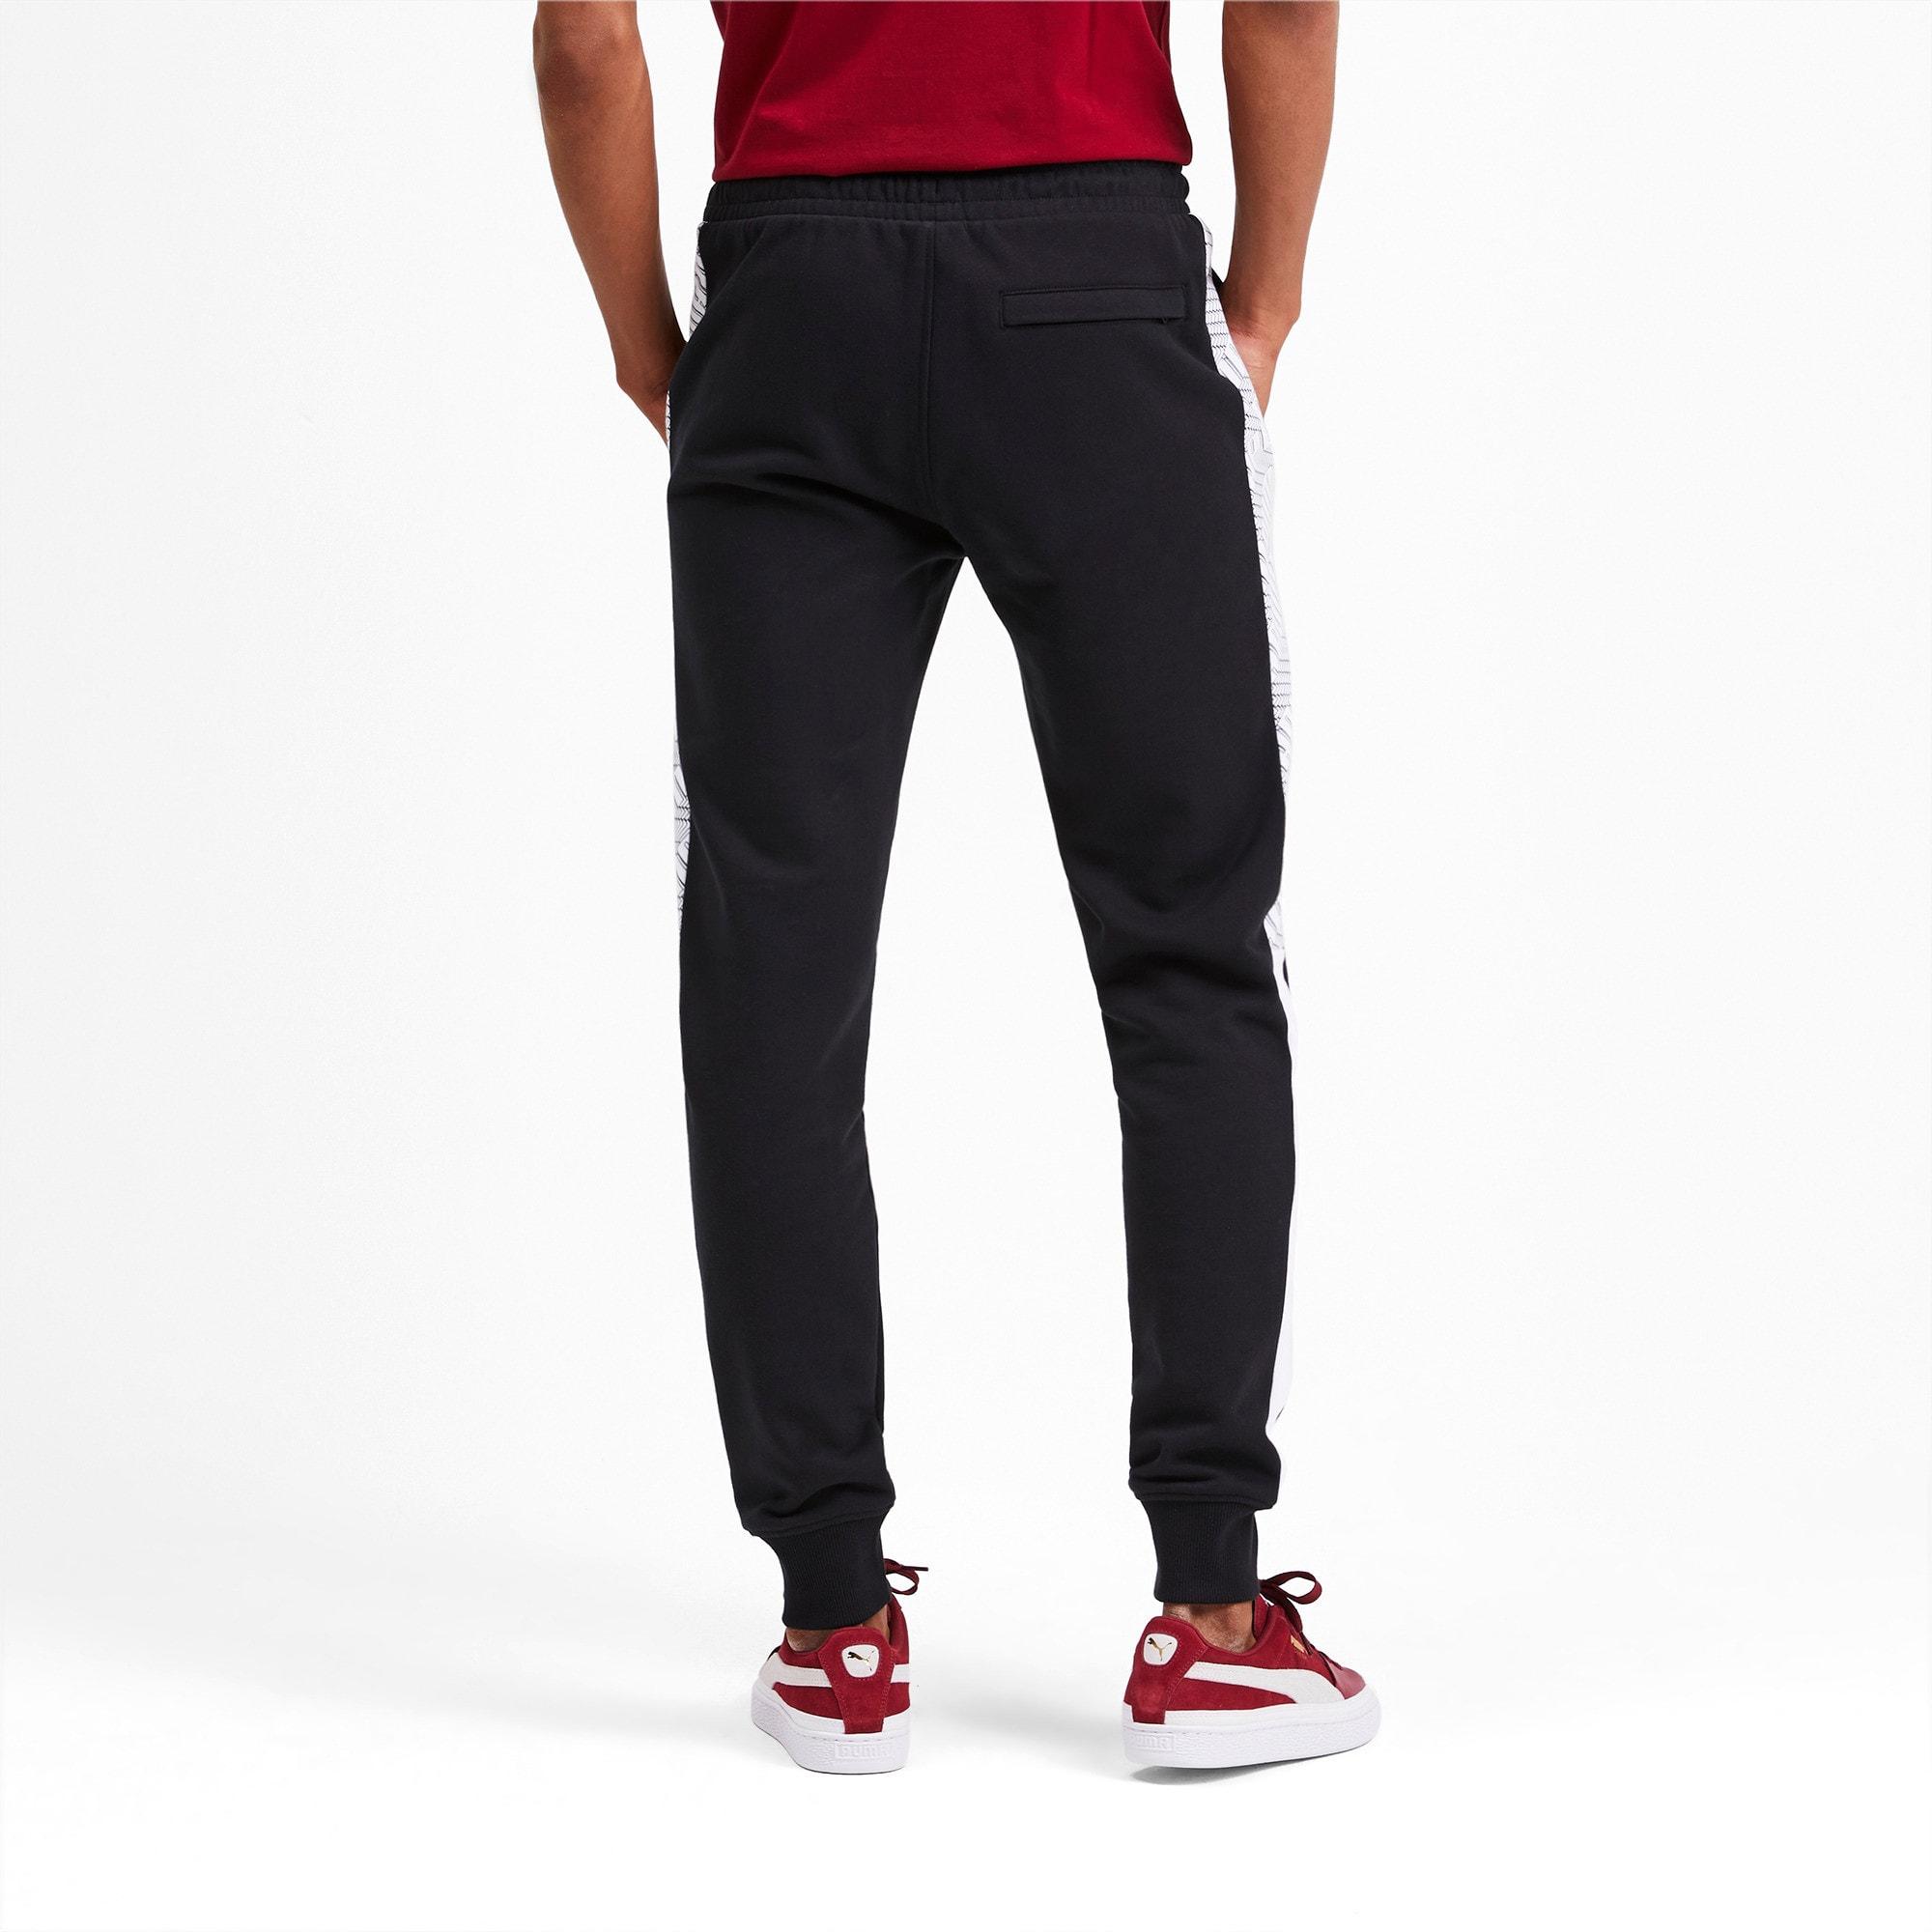 Thumbnail 3 of T7 Men's AOP Track Pants, Puma Black-Repeat logo, medium